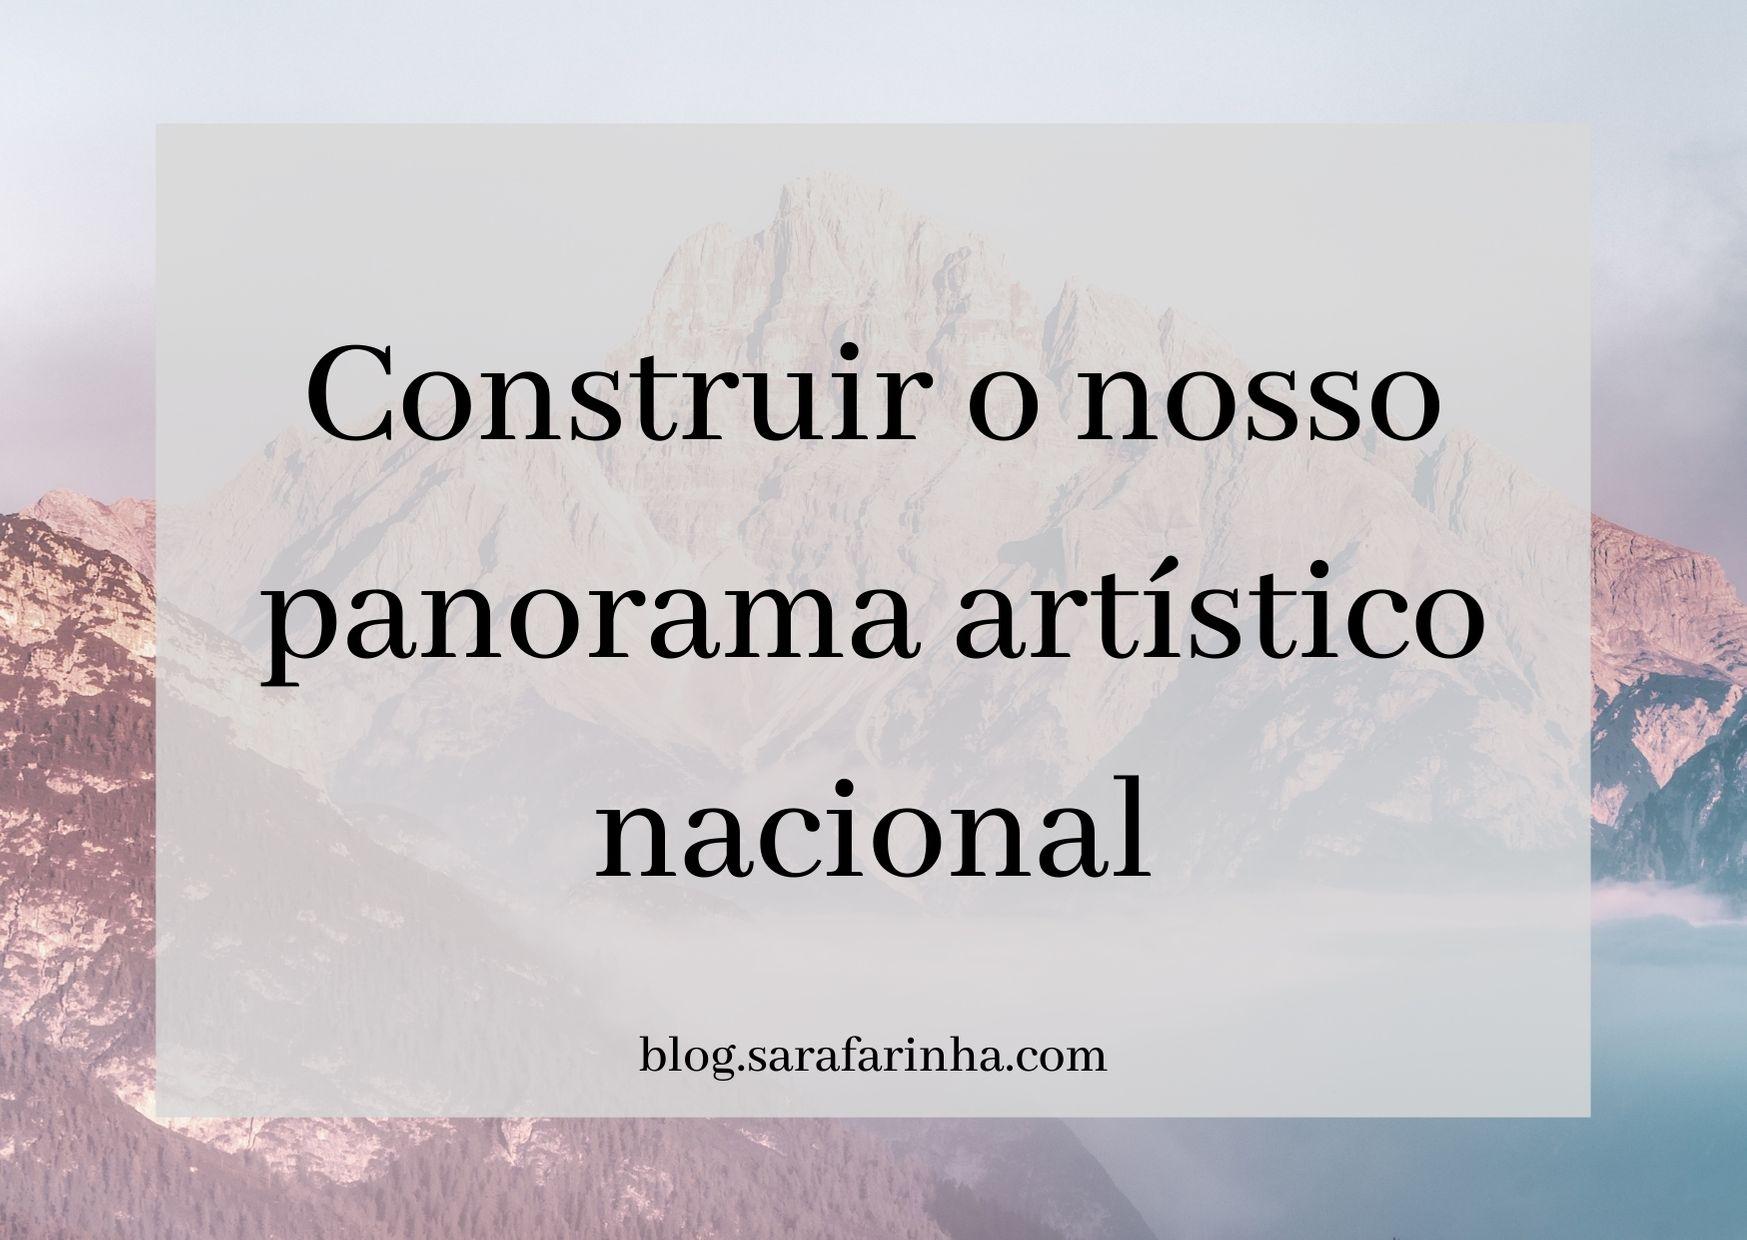 Construir o nosso panorama artístico nacional